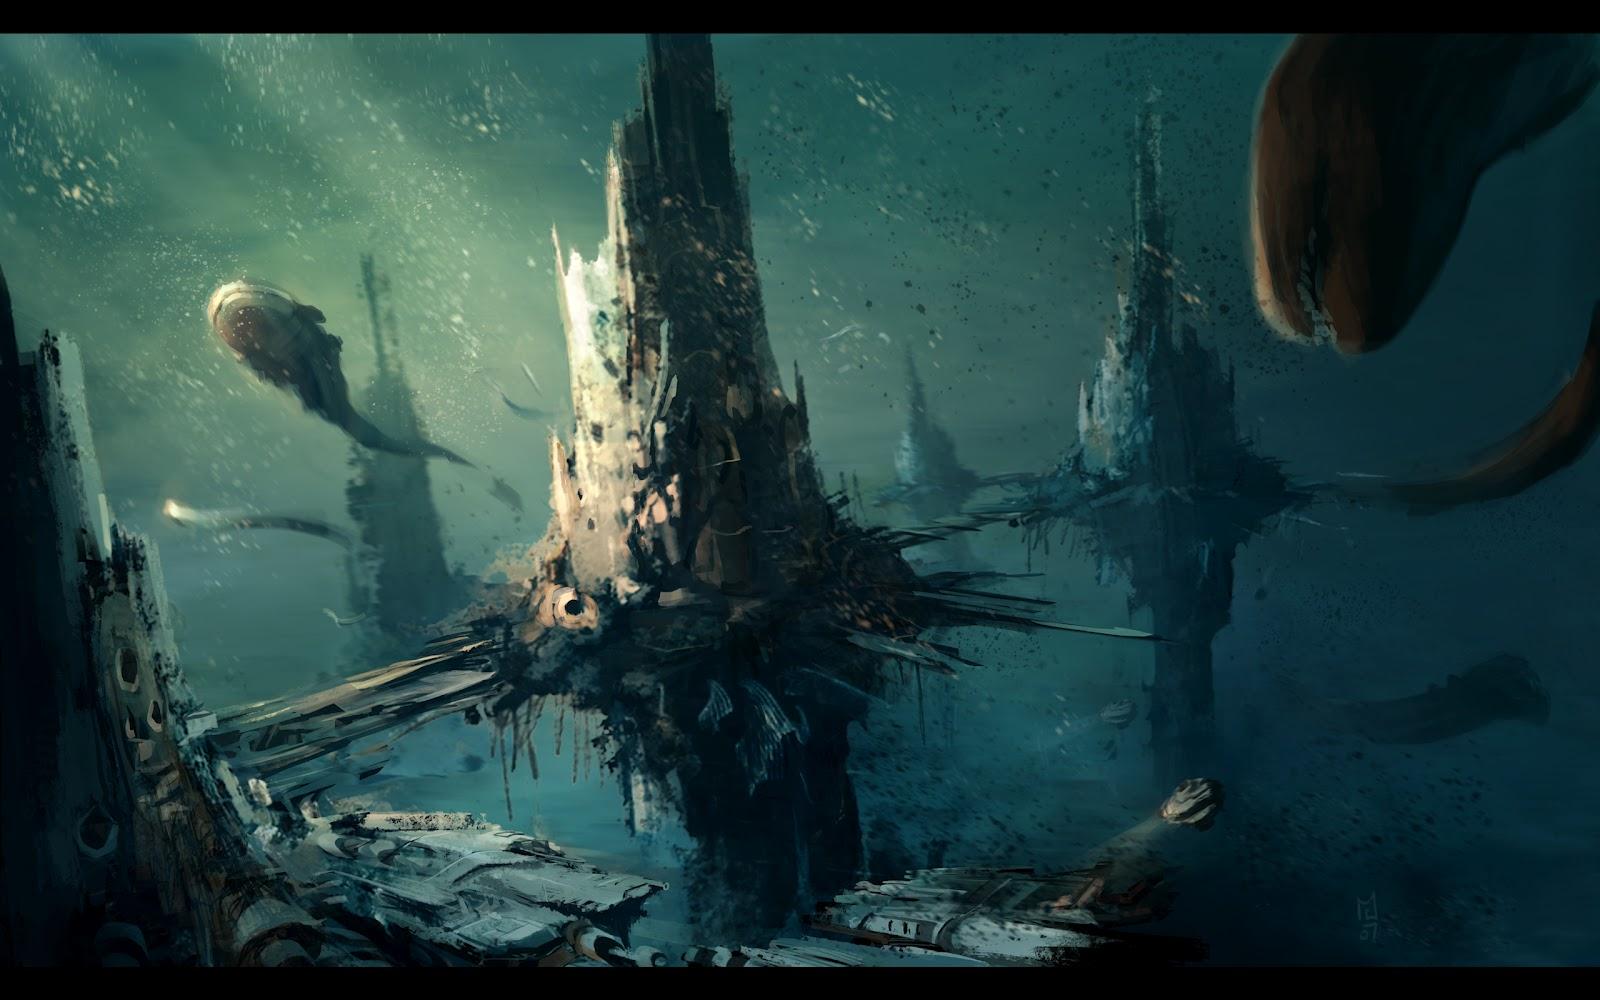 http://4.bp.blogspot.com/-7-U43rhNUuA/UA5kzU3J-_I/AAAAAAAAPcE/fuB1JcbH5_s/s1600/sci_fi_undersea_terror_desktop_2560x1600_wallpaper-167330.jpeg